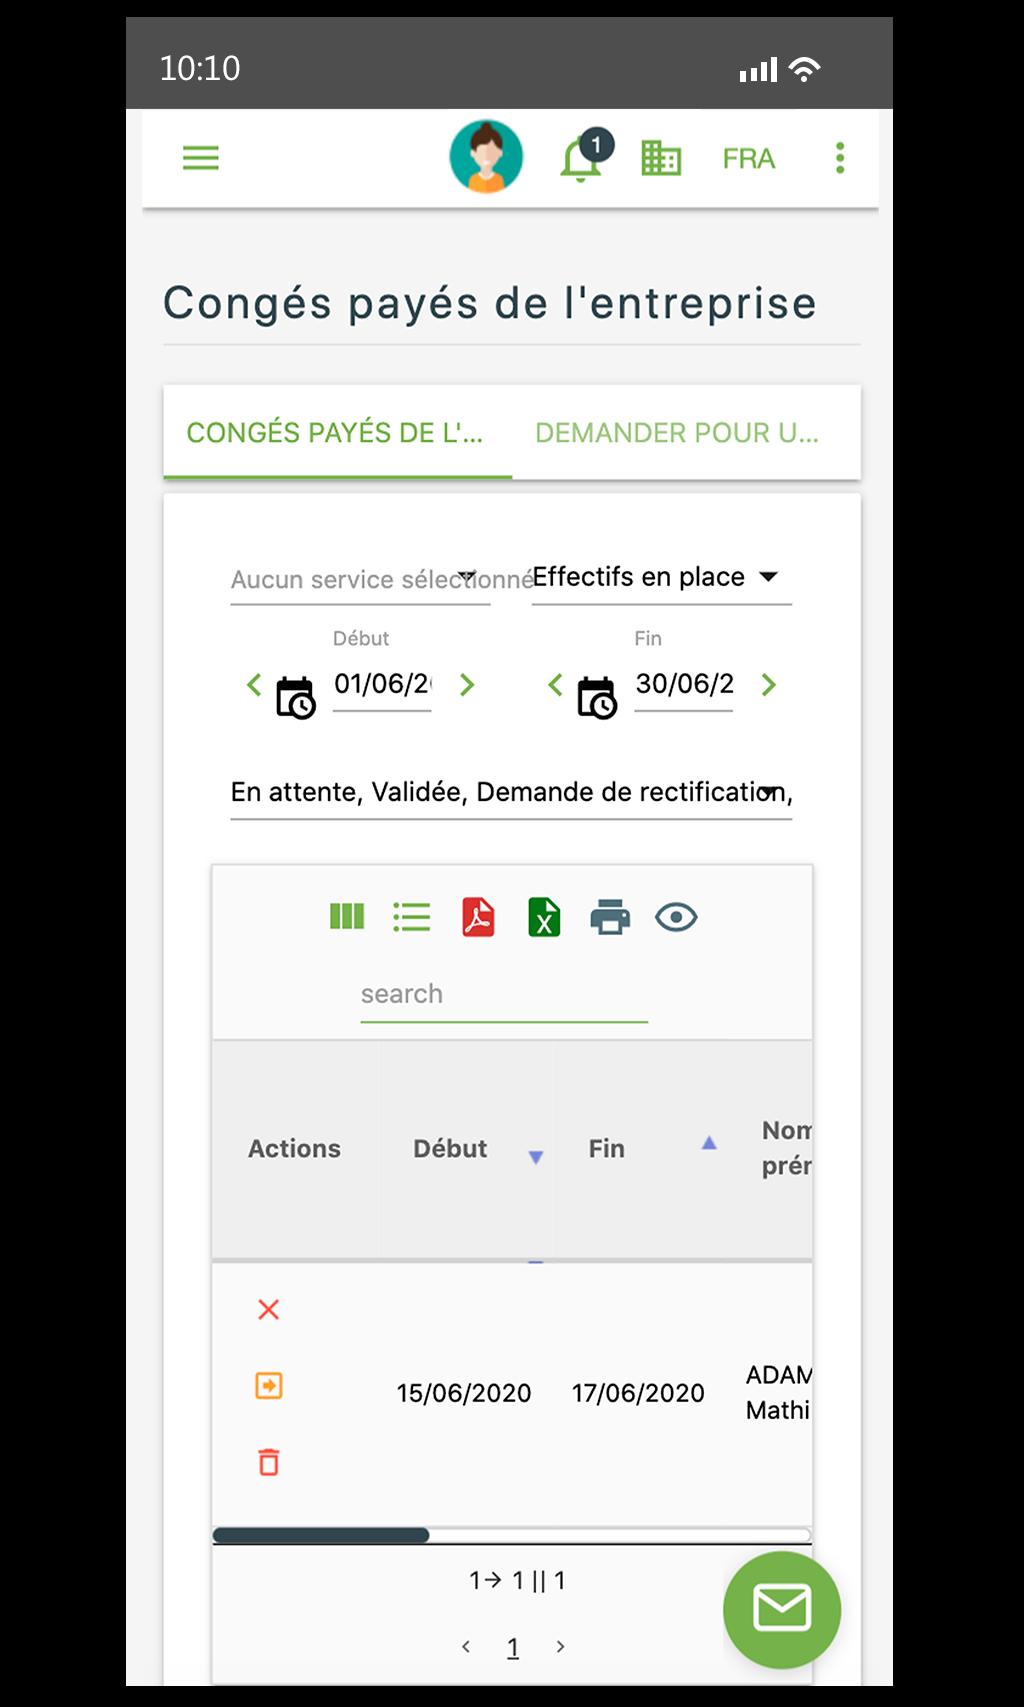 Lamster logiciel RH sur mobile - congés entreprise